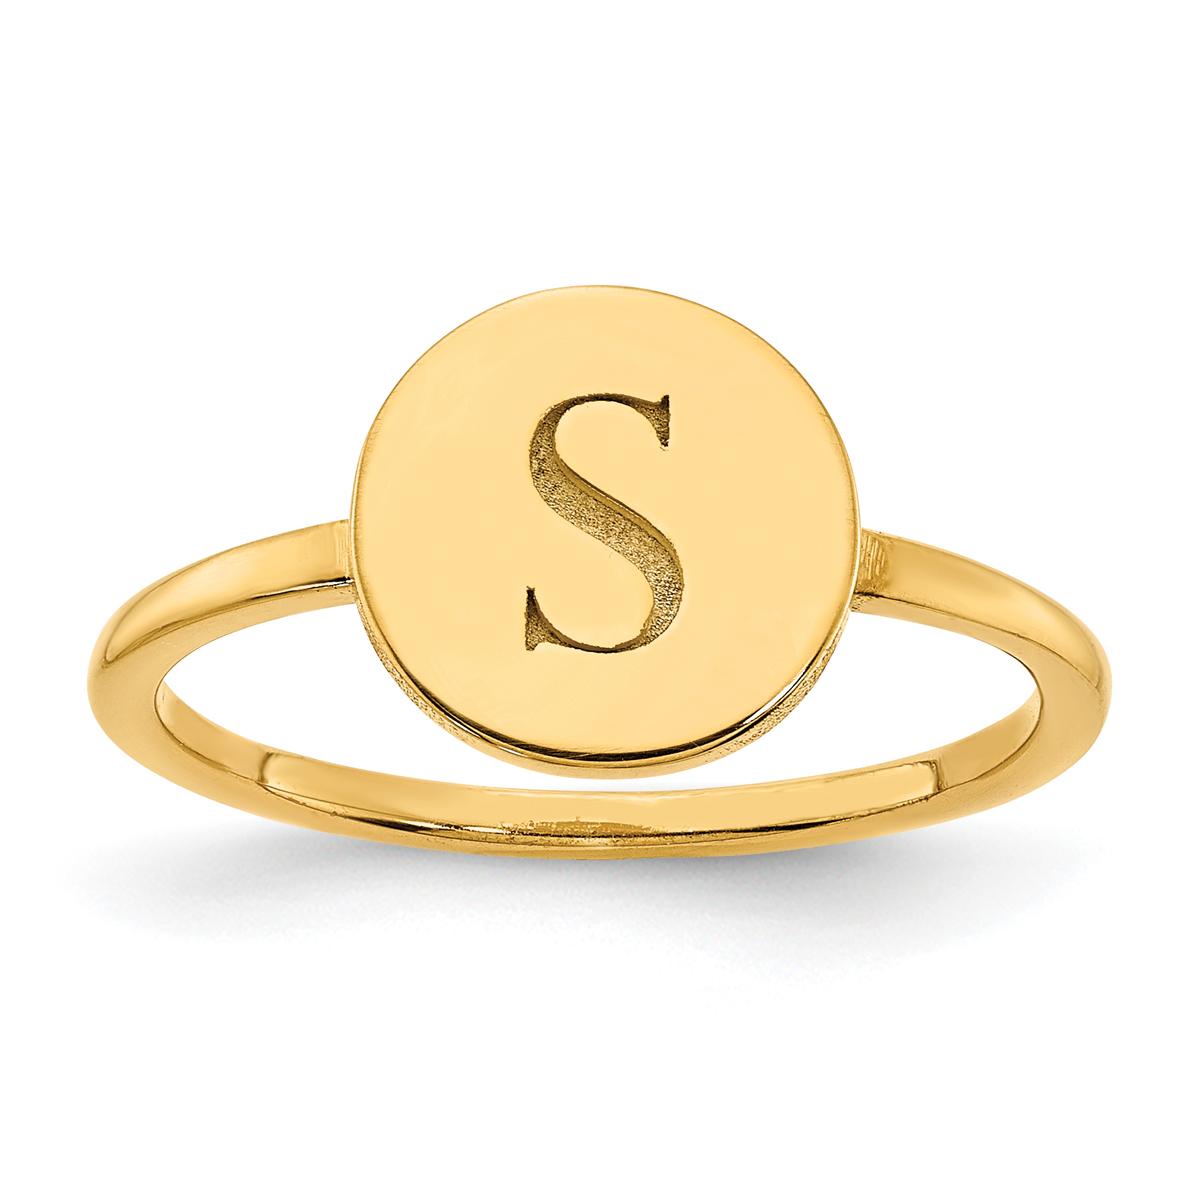 Circle Monogram Signet Ring